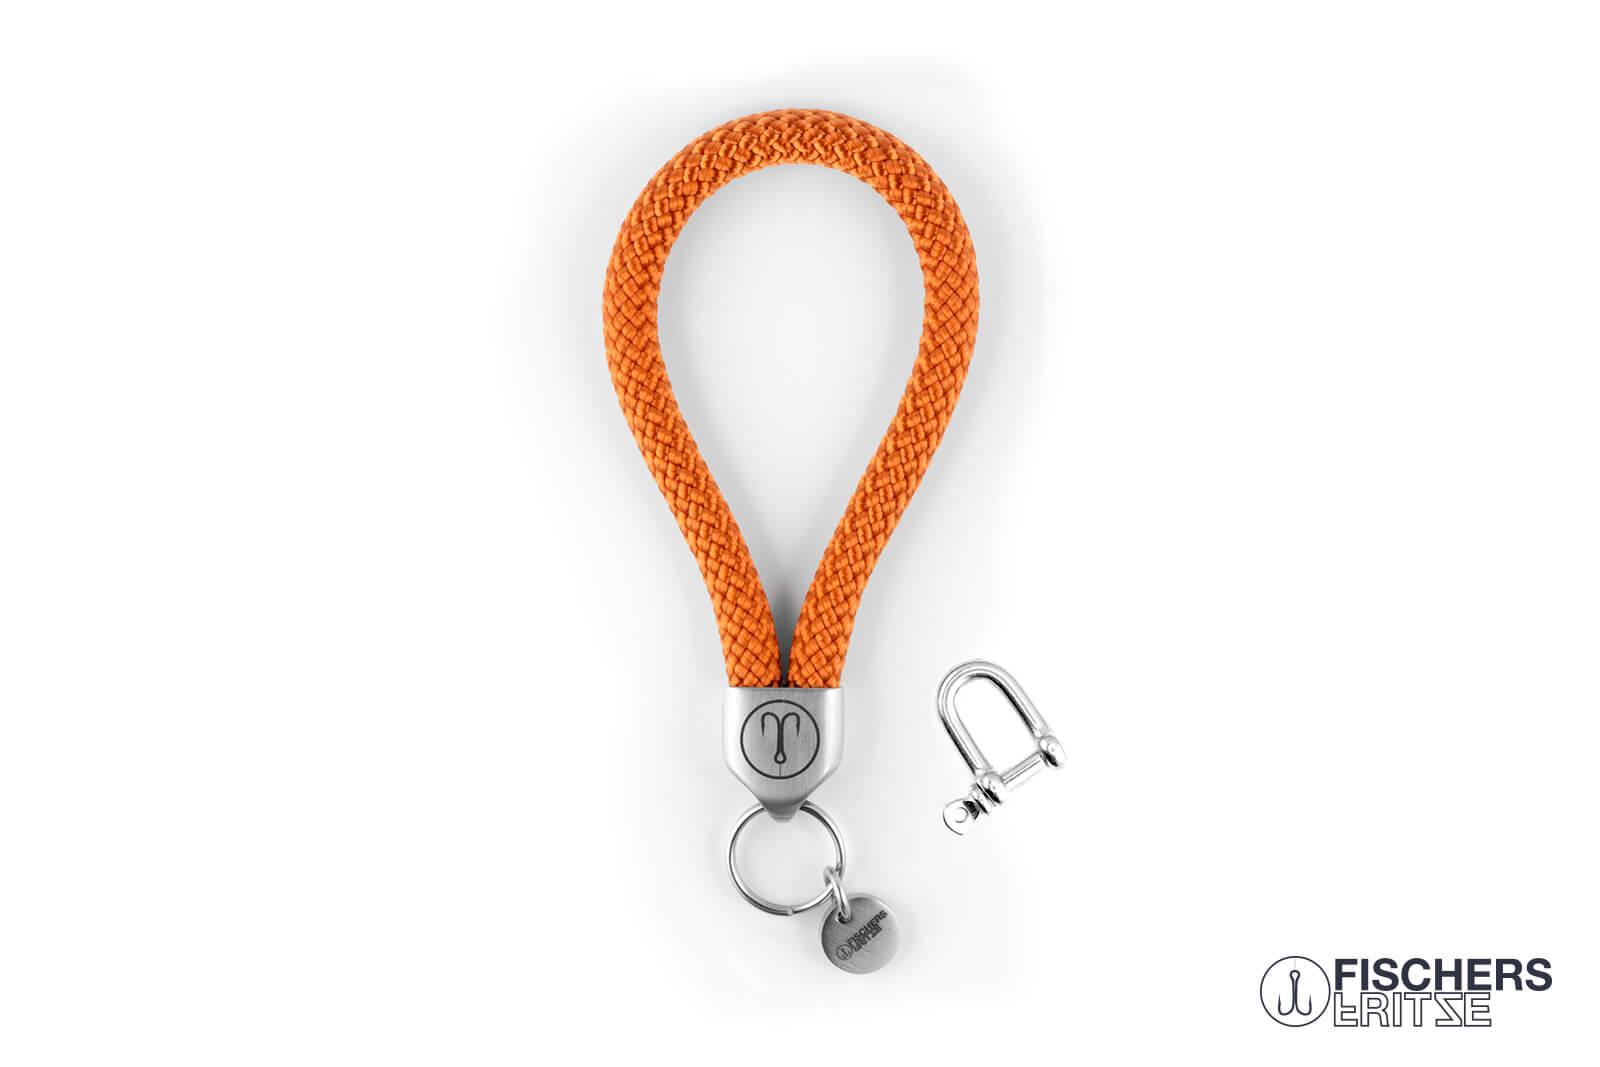 fischers-fritze-segeltau-keychain-schluesselanhaenger-anker-orange